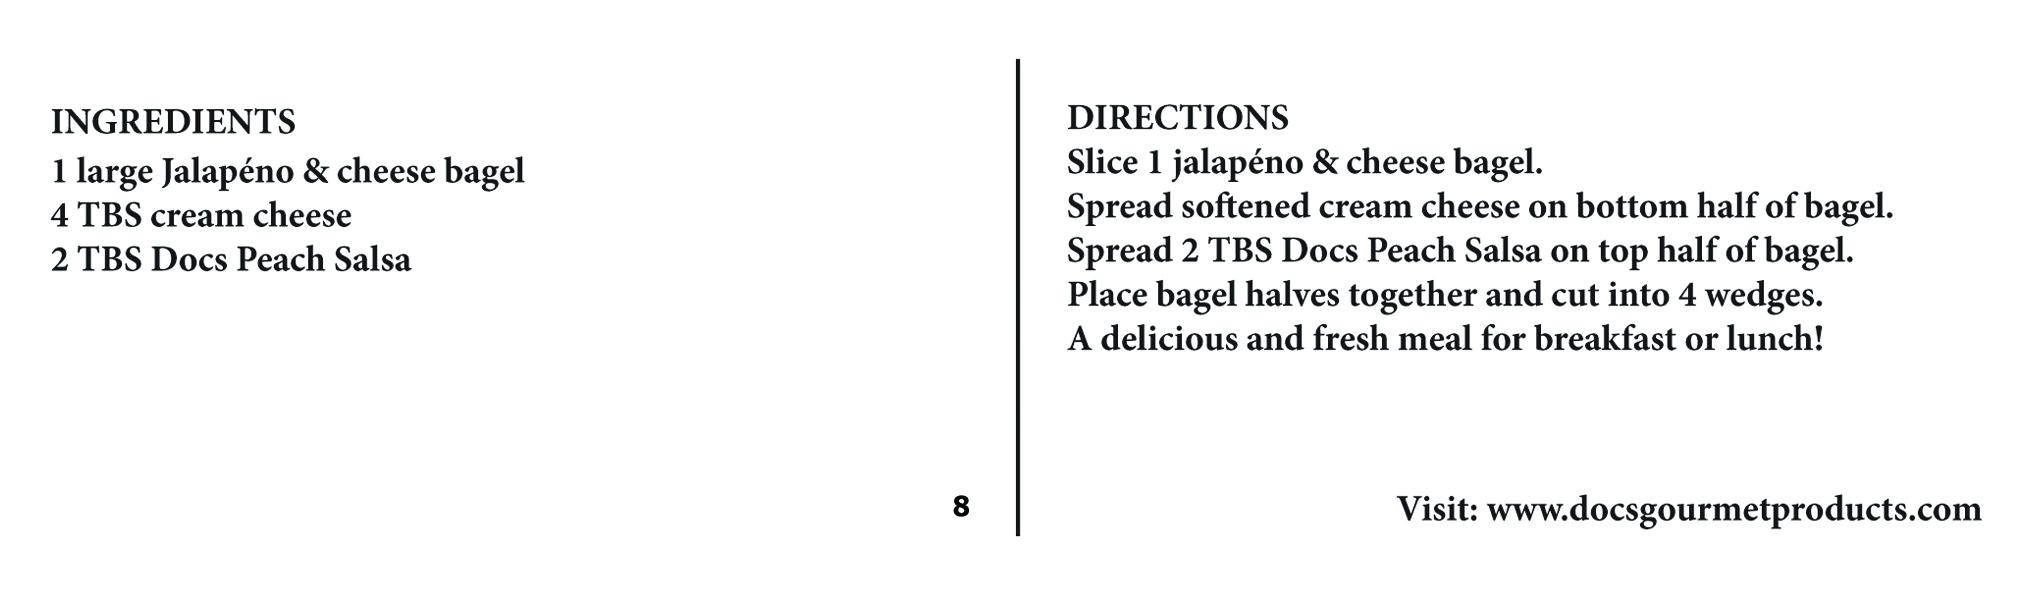 recipe 8a.jpg